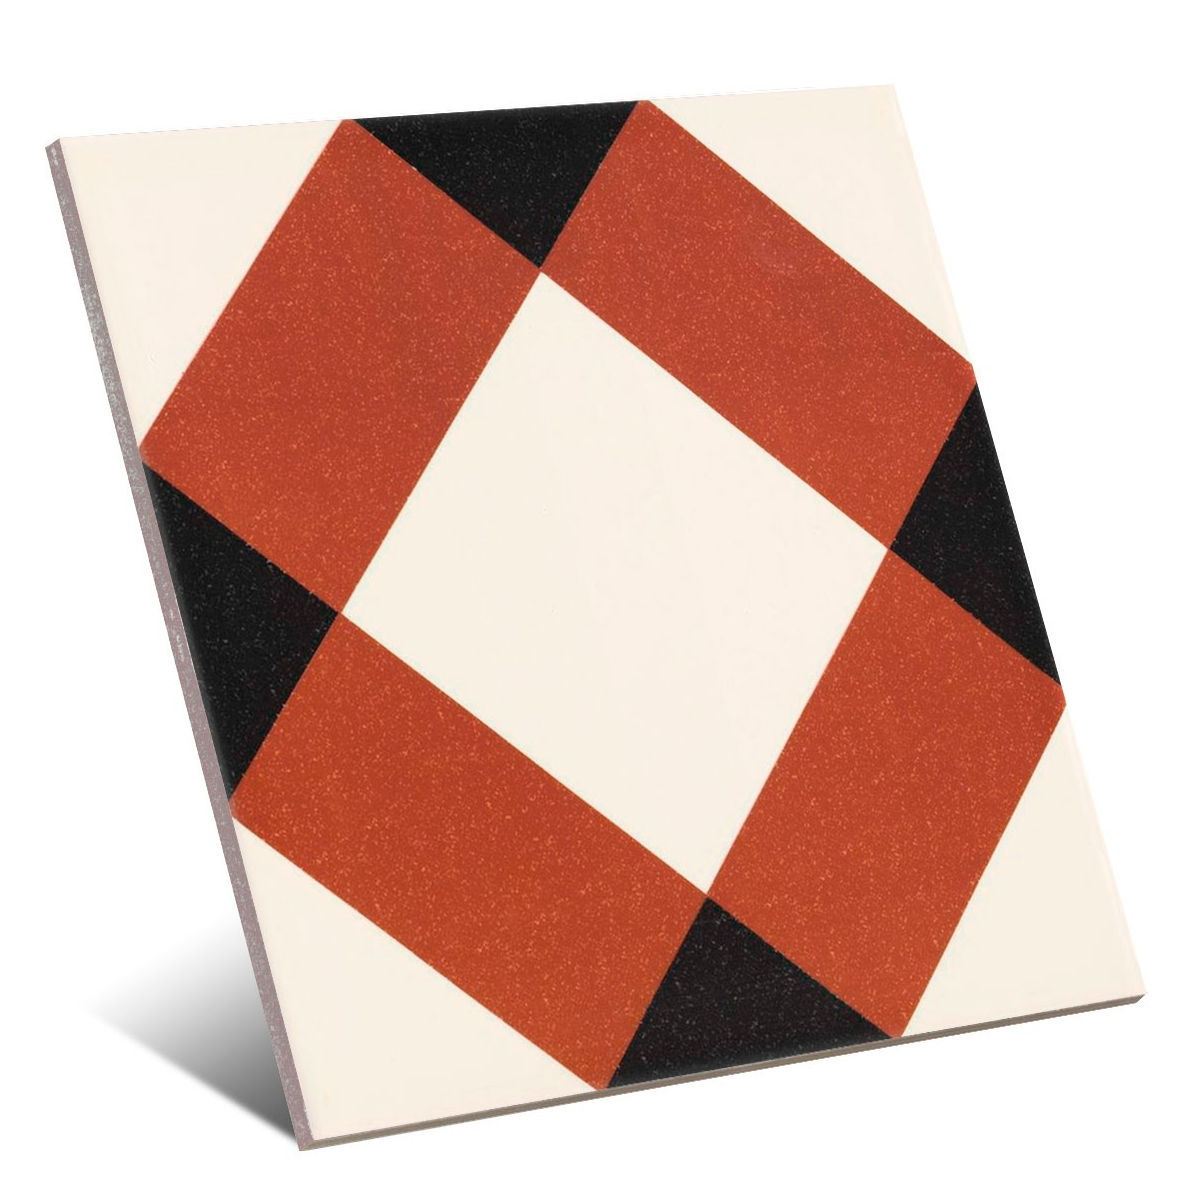 Loira Rojo 20x20 (caja 1 m2)